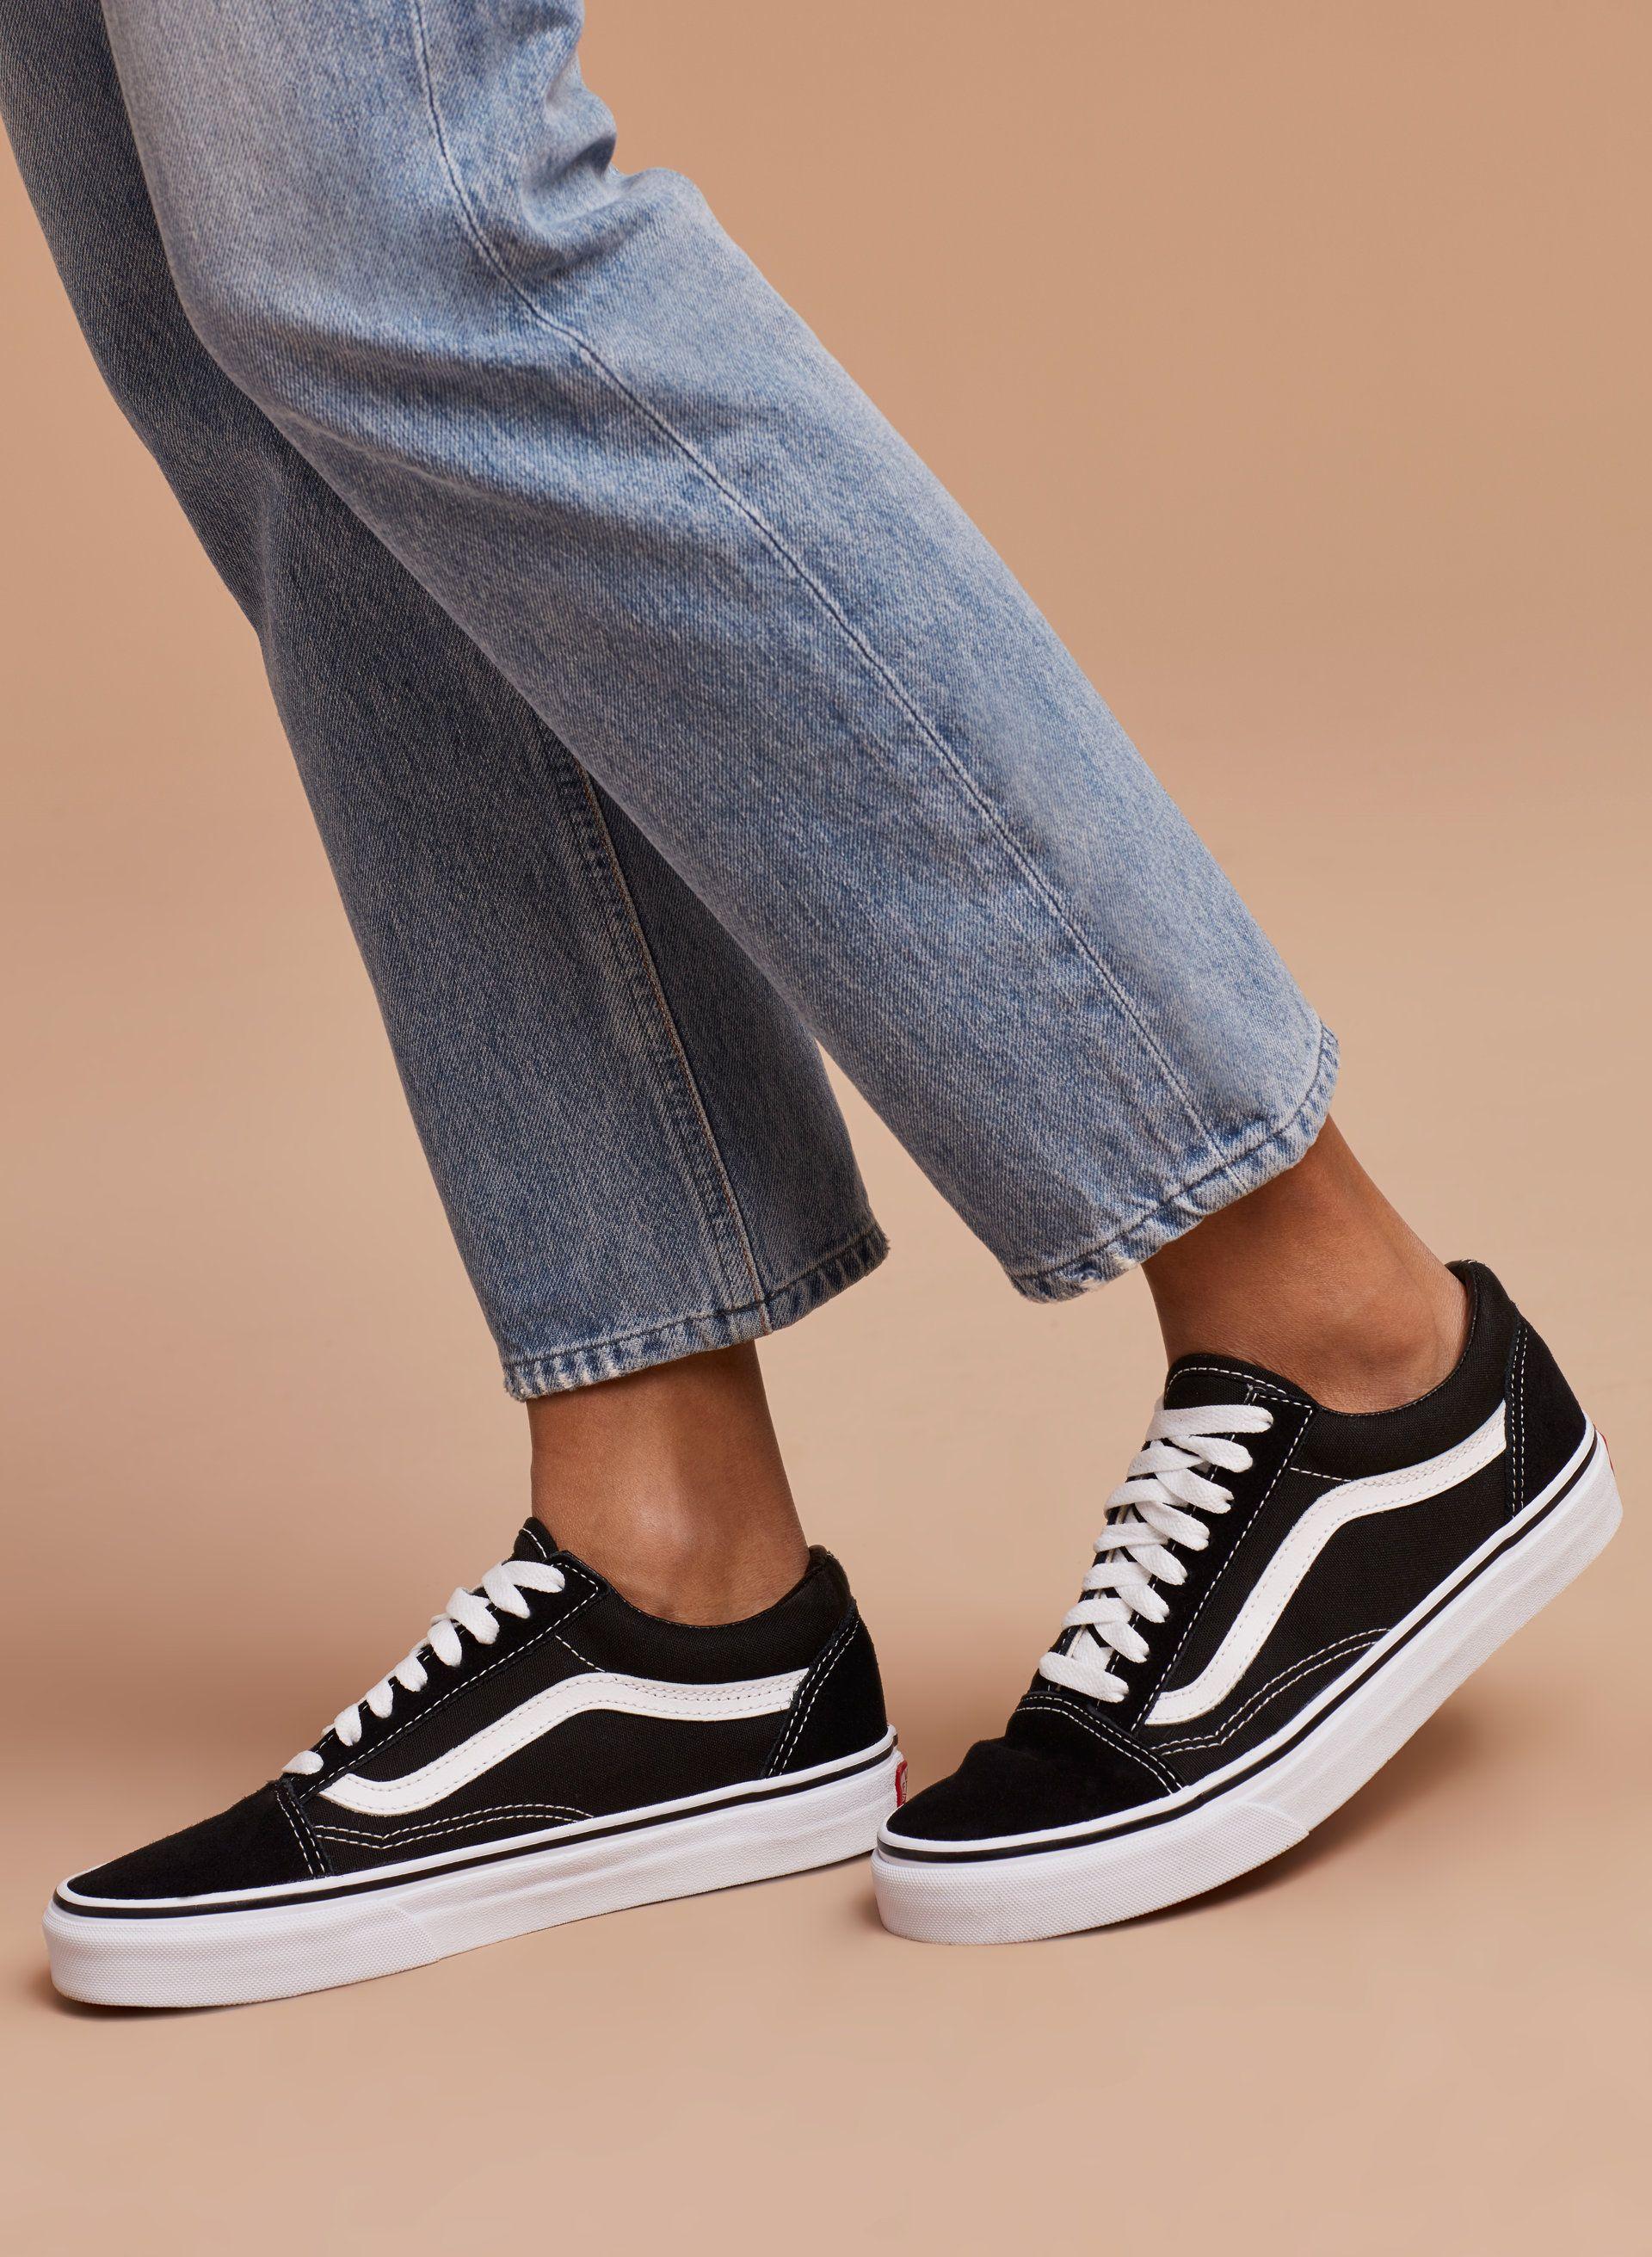 Vans OLD SKOOL CANVAS | Aritzia | Vans shoes old skool, Vans